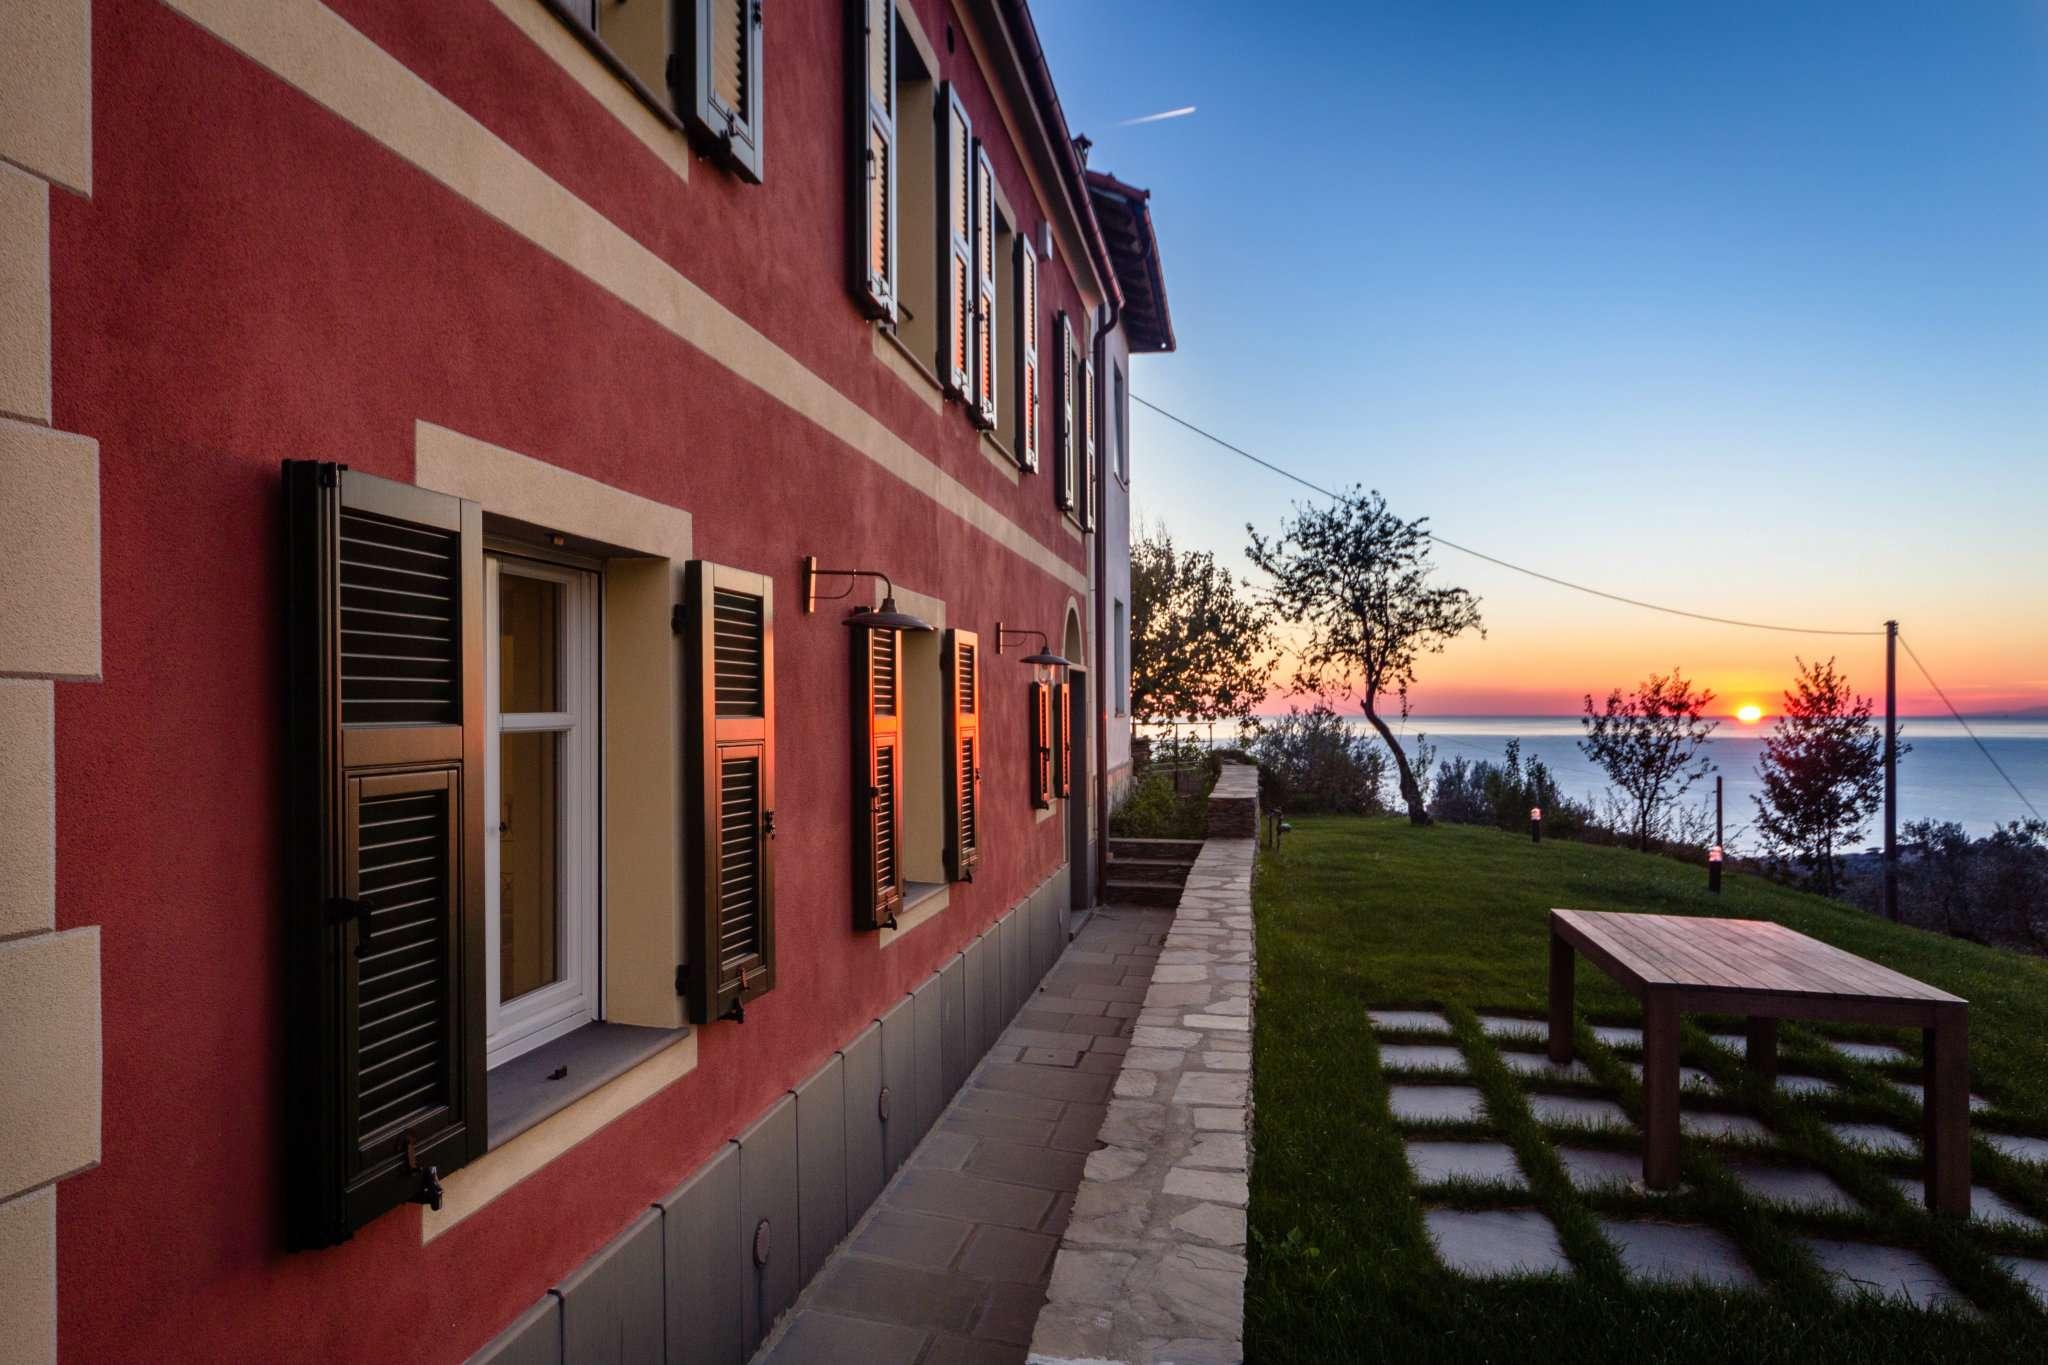 Villa in vendita a Lavagna, 8 locali, Trattative riservate | CambioCasa.it